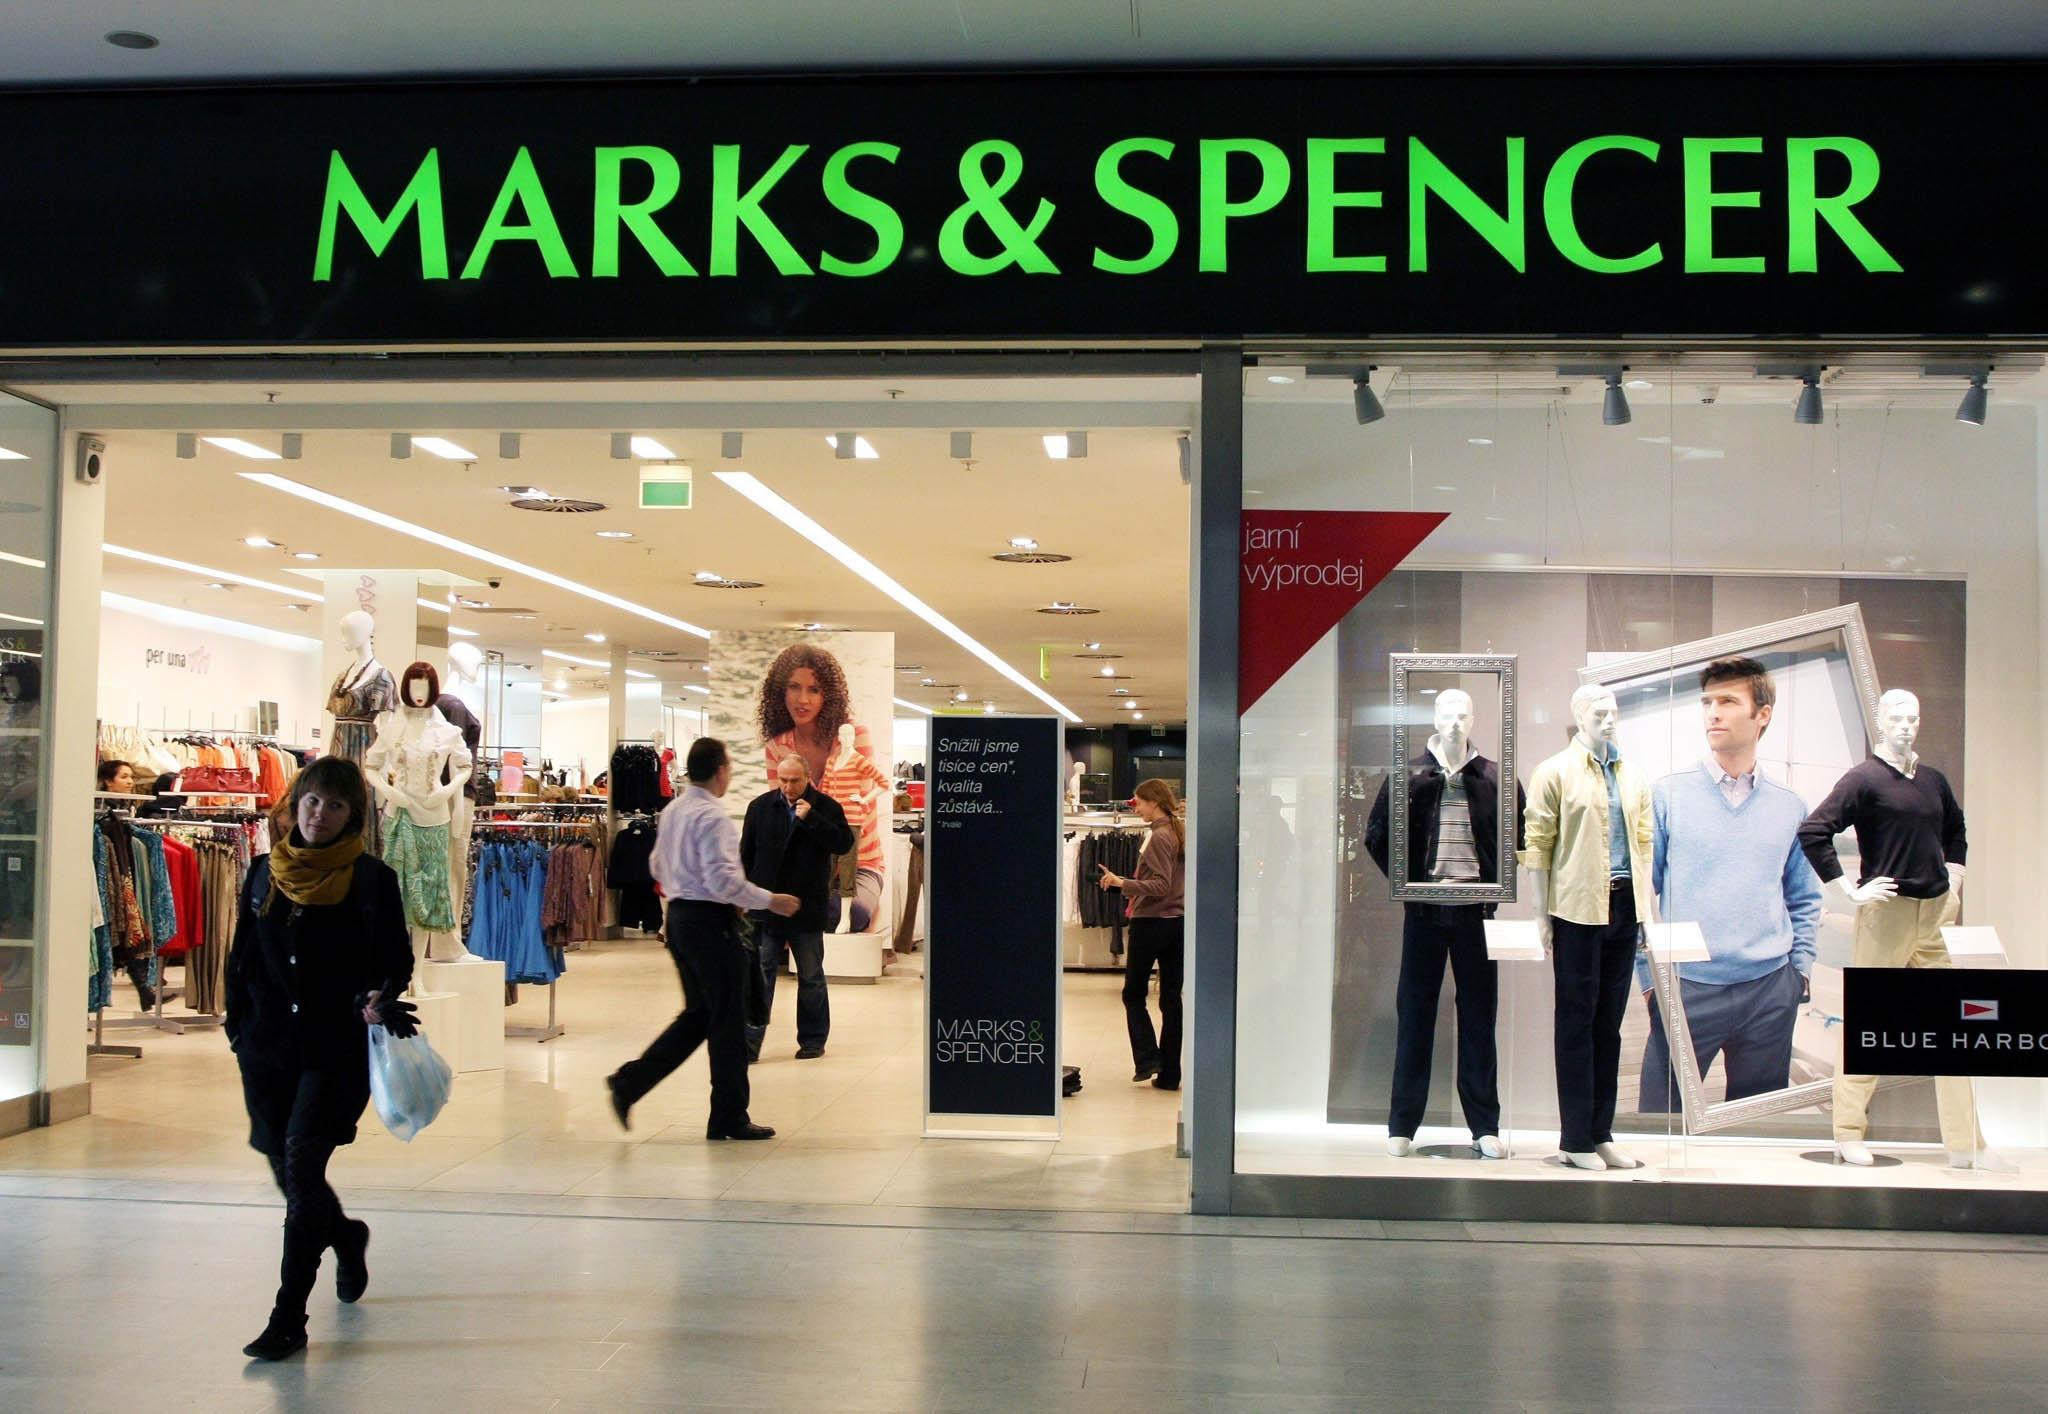 Britský maloobchodní řetězec Marks & Spencer.